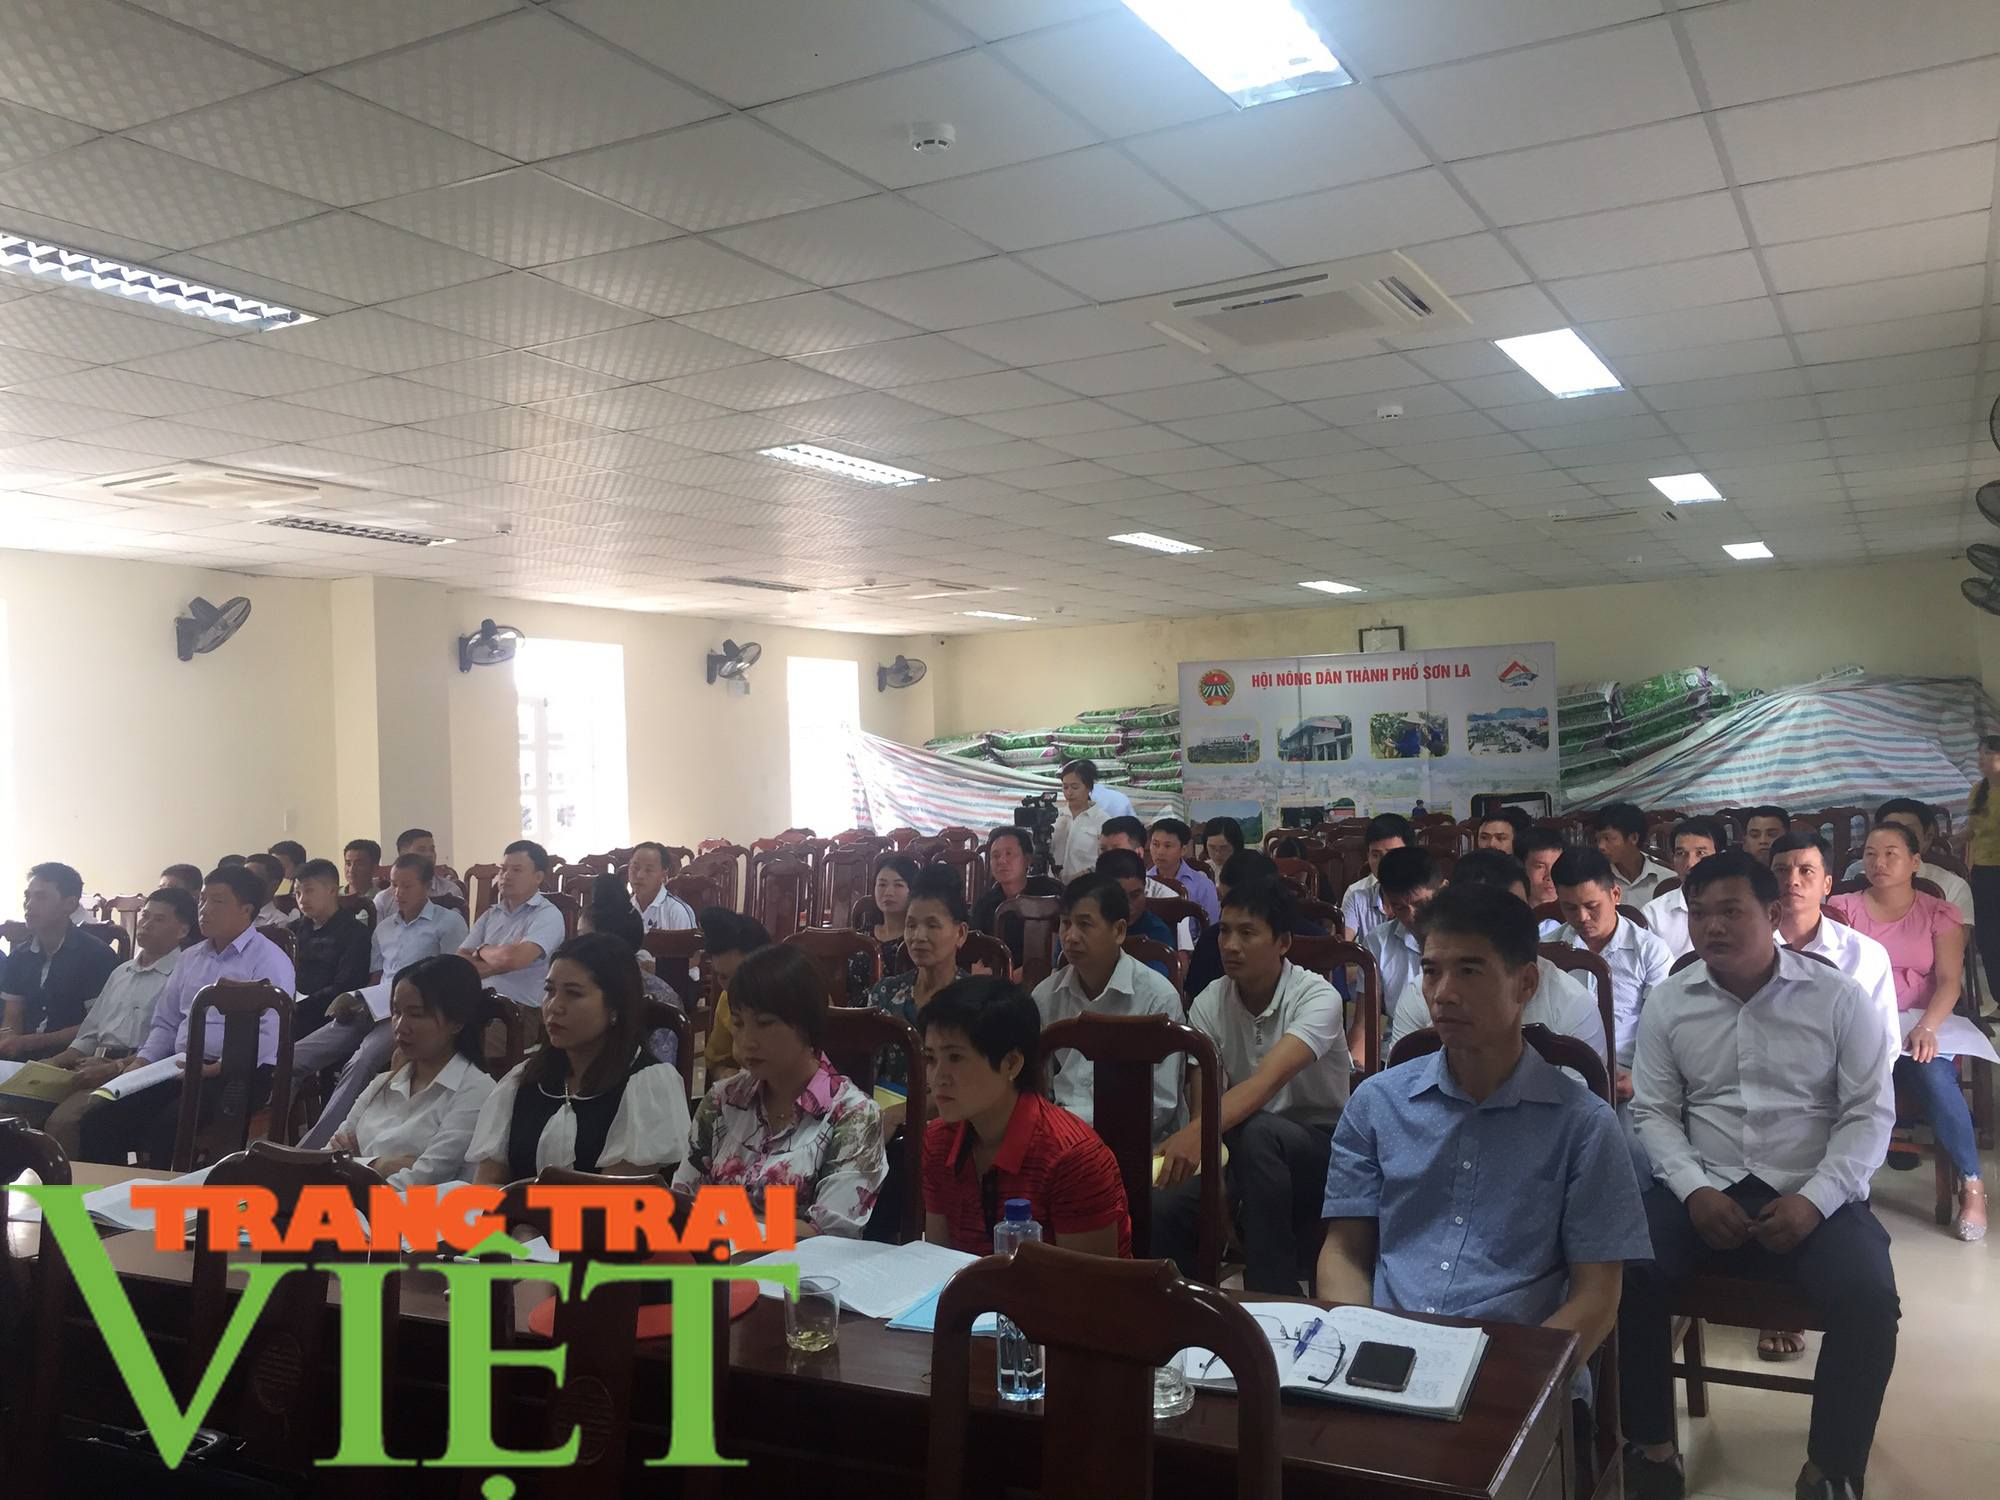 Hội Nông dân Sơn La: Tập huấn kỹ năng tuyên truyền miệng cho hội viên - Ảnh 1.